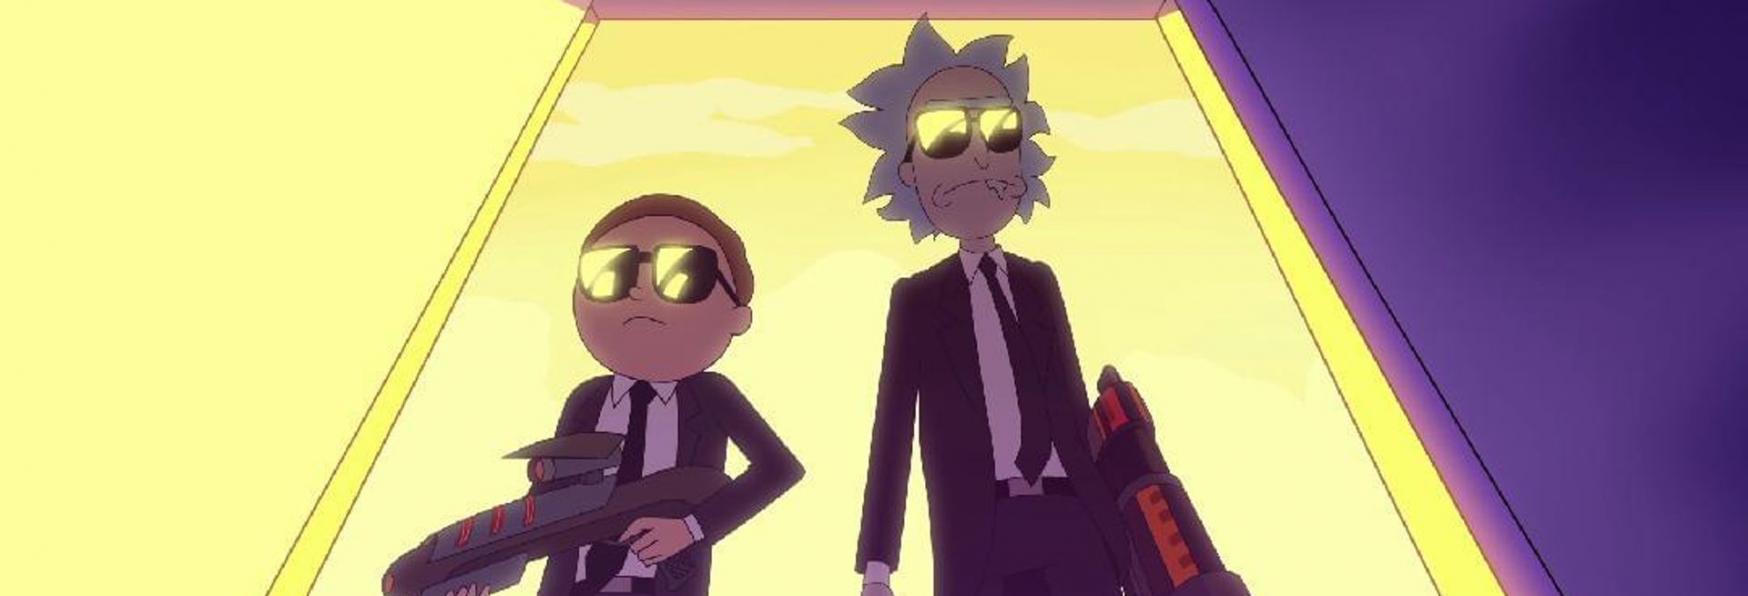 The Vindicators: Annunciata la Serie TV Spin-Off di Rick and Morty